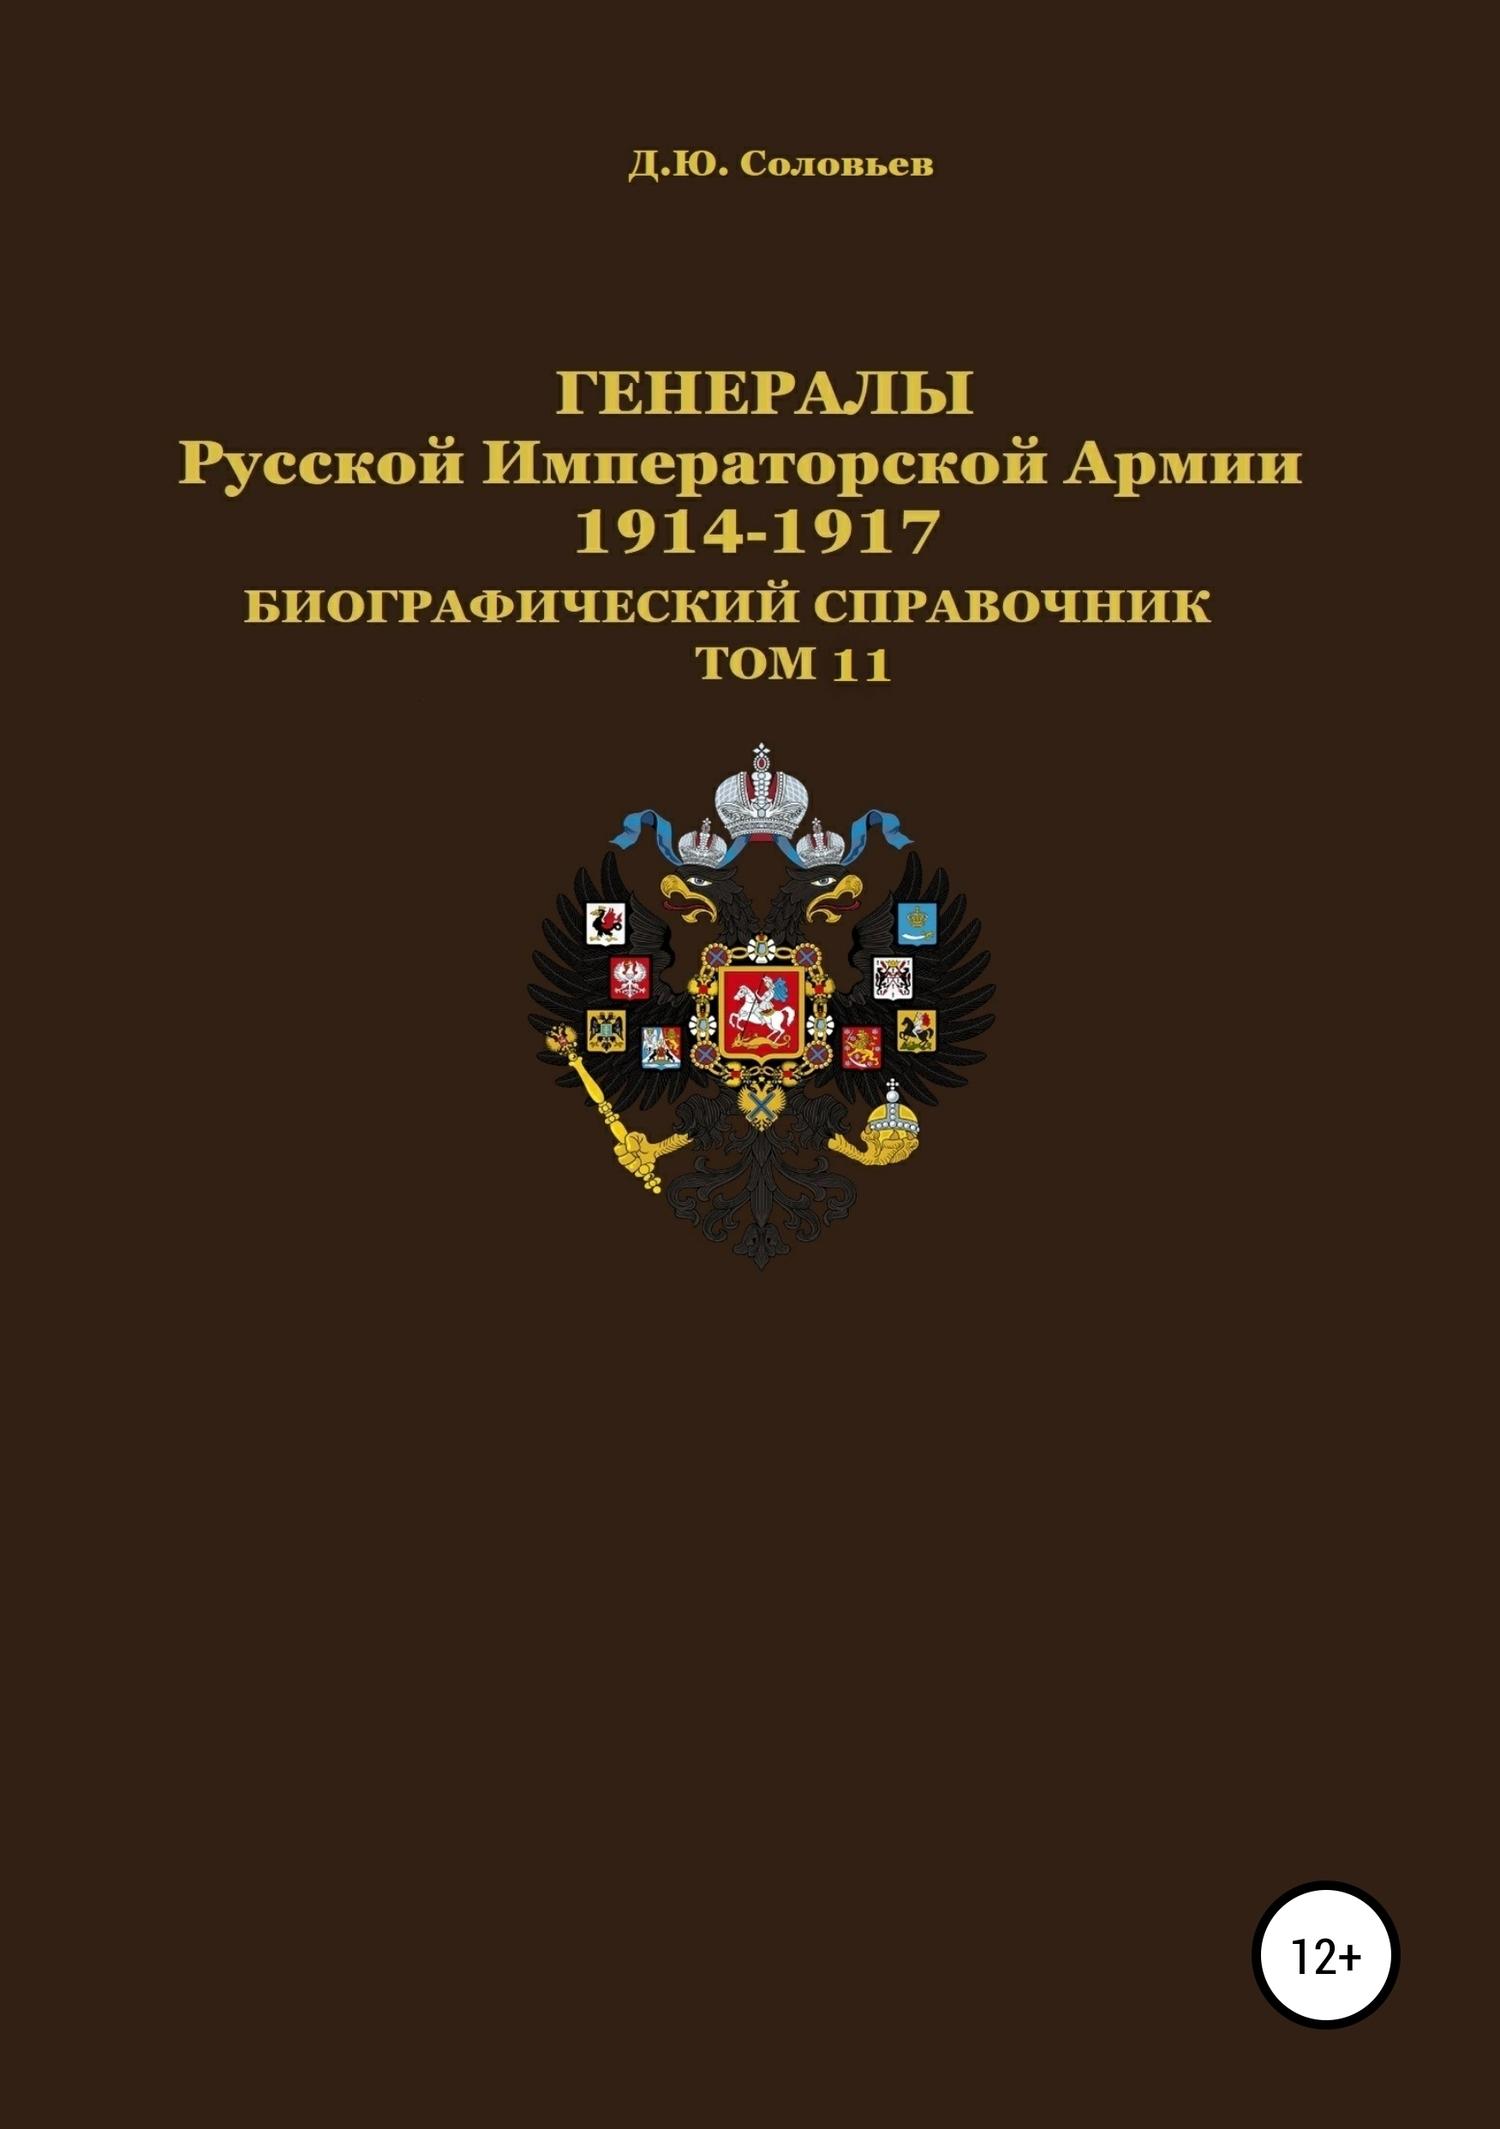 Денис Соловьев - Генералы Русской Императорской Армии. 1914–1917 гг. Том 11